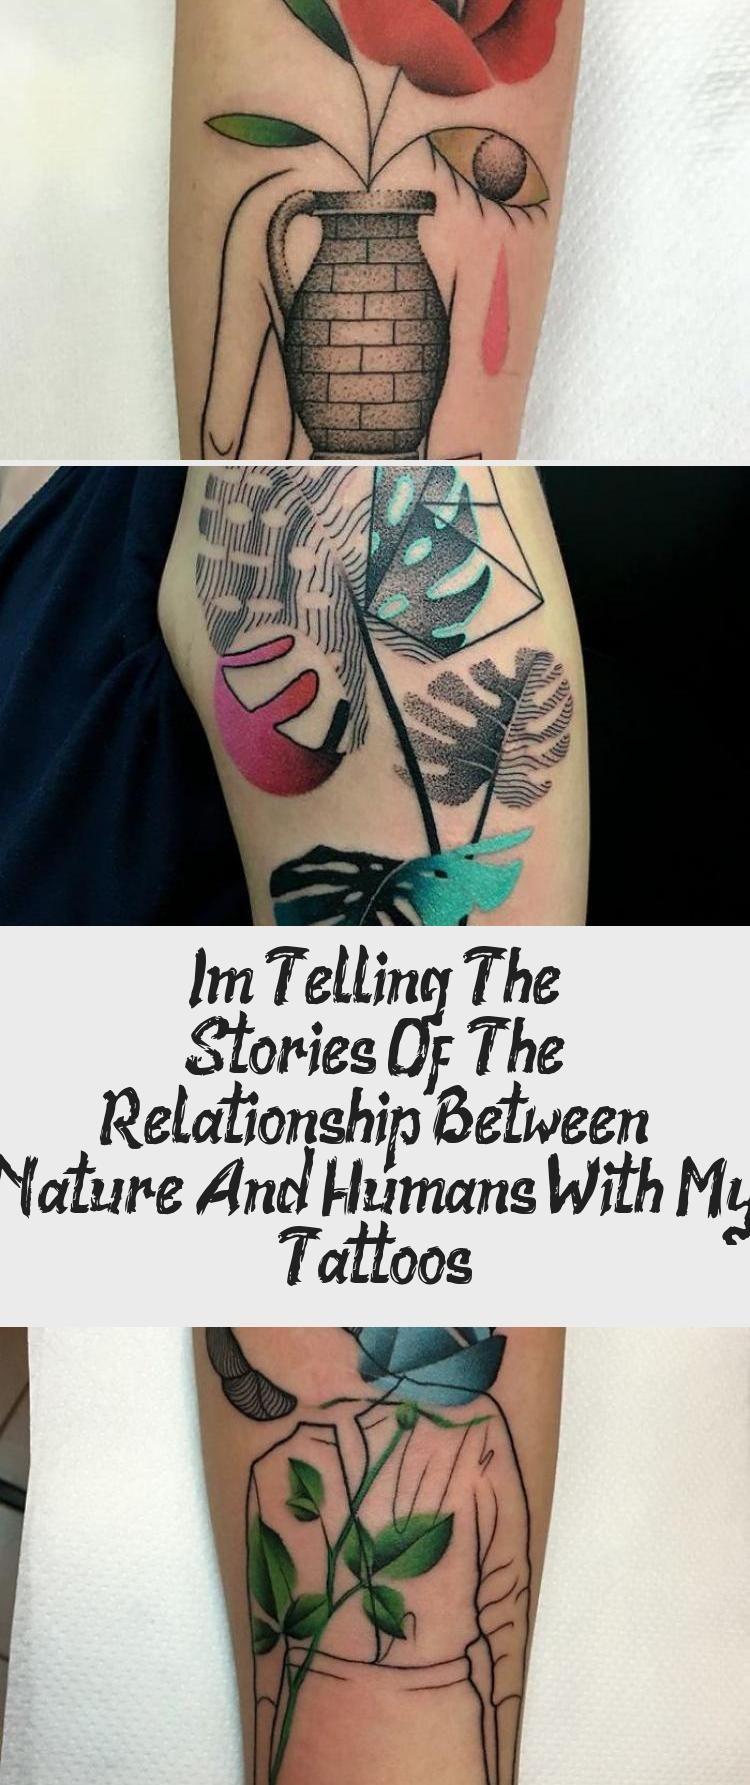 Ich erzähle die Geschichten über die Beziehung zwischen Natur und Mensch mit meinen Tätowierungen – ART